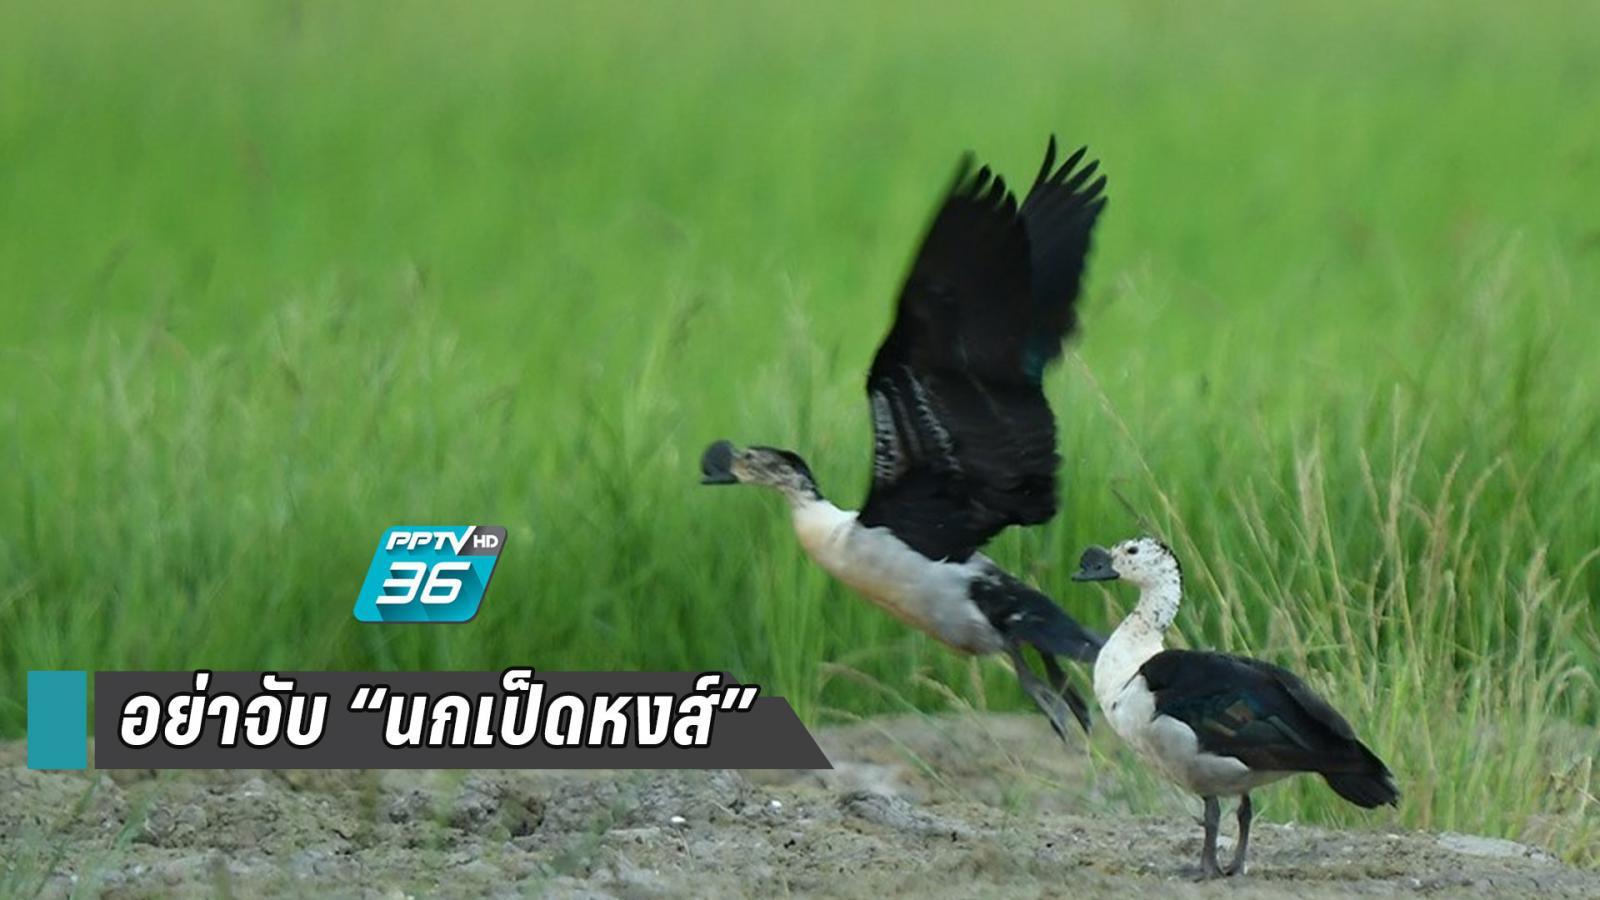 ข่าวดี! นกเป็ดหงส์ ขยายพันธุ์เพิ่ม 50 ตัว วอนชาวบ้านอย่าจับไปขาย